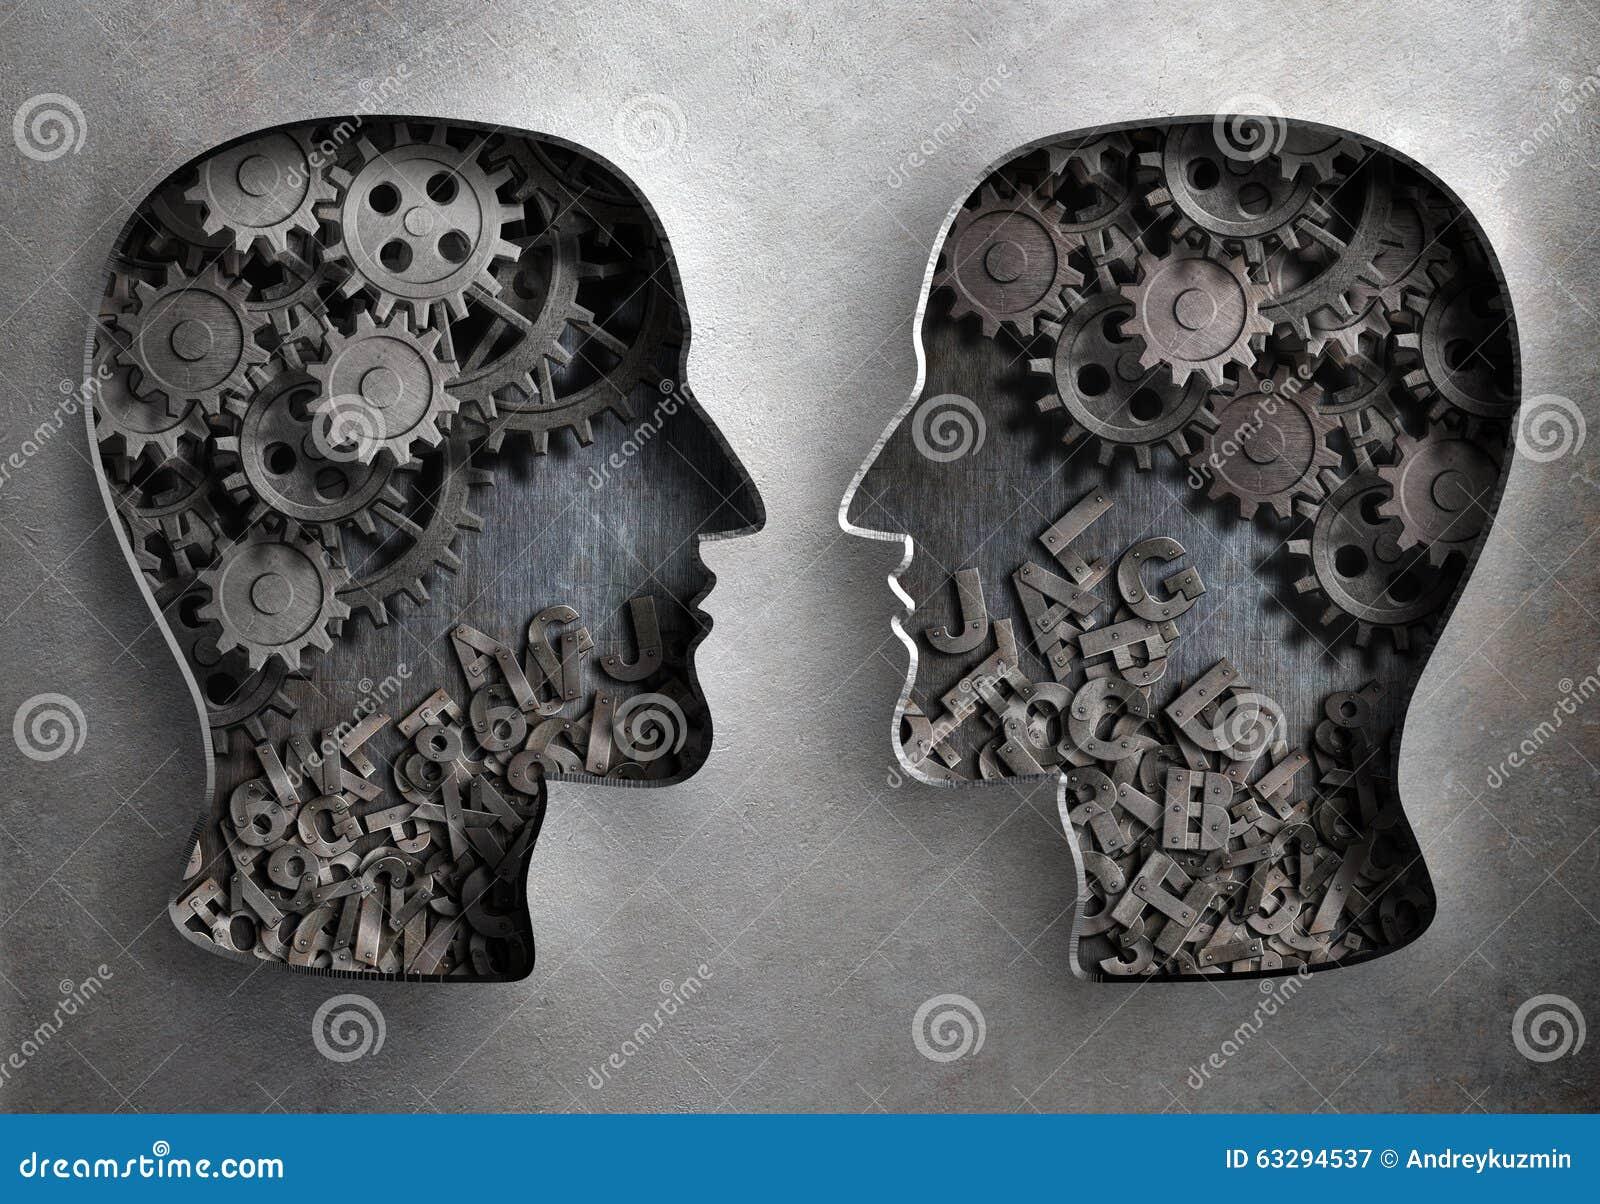 Diálogo ou comunicação, informação e conhecimento